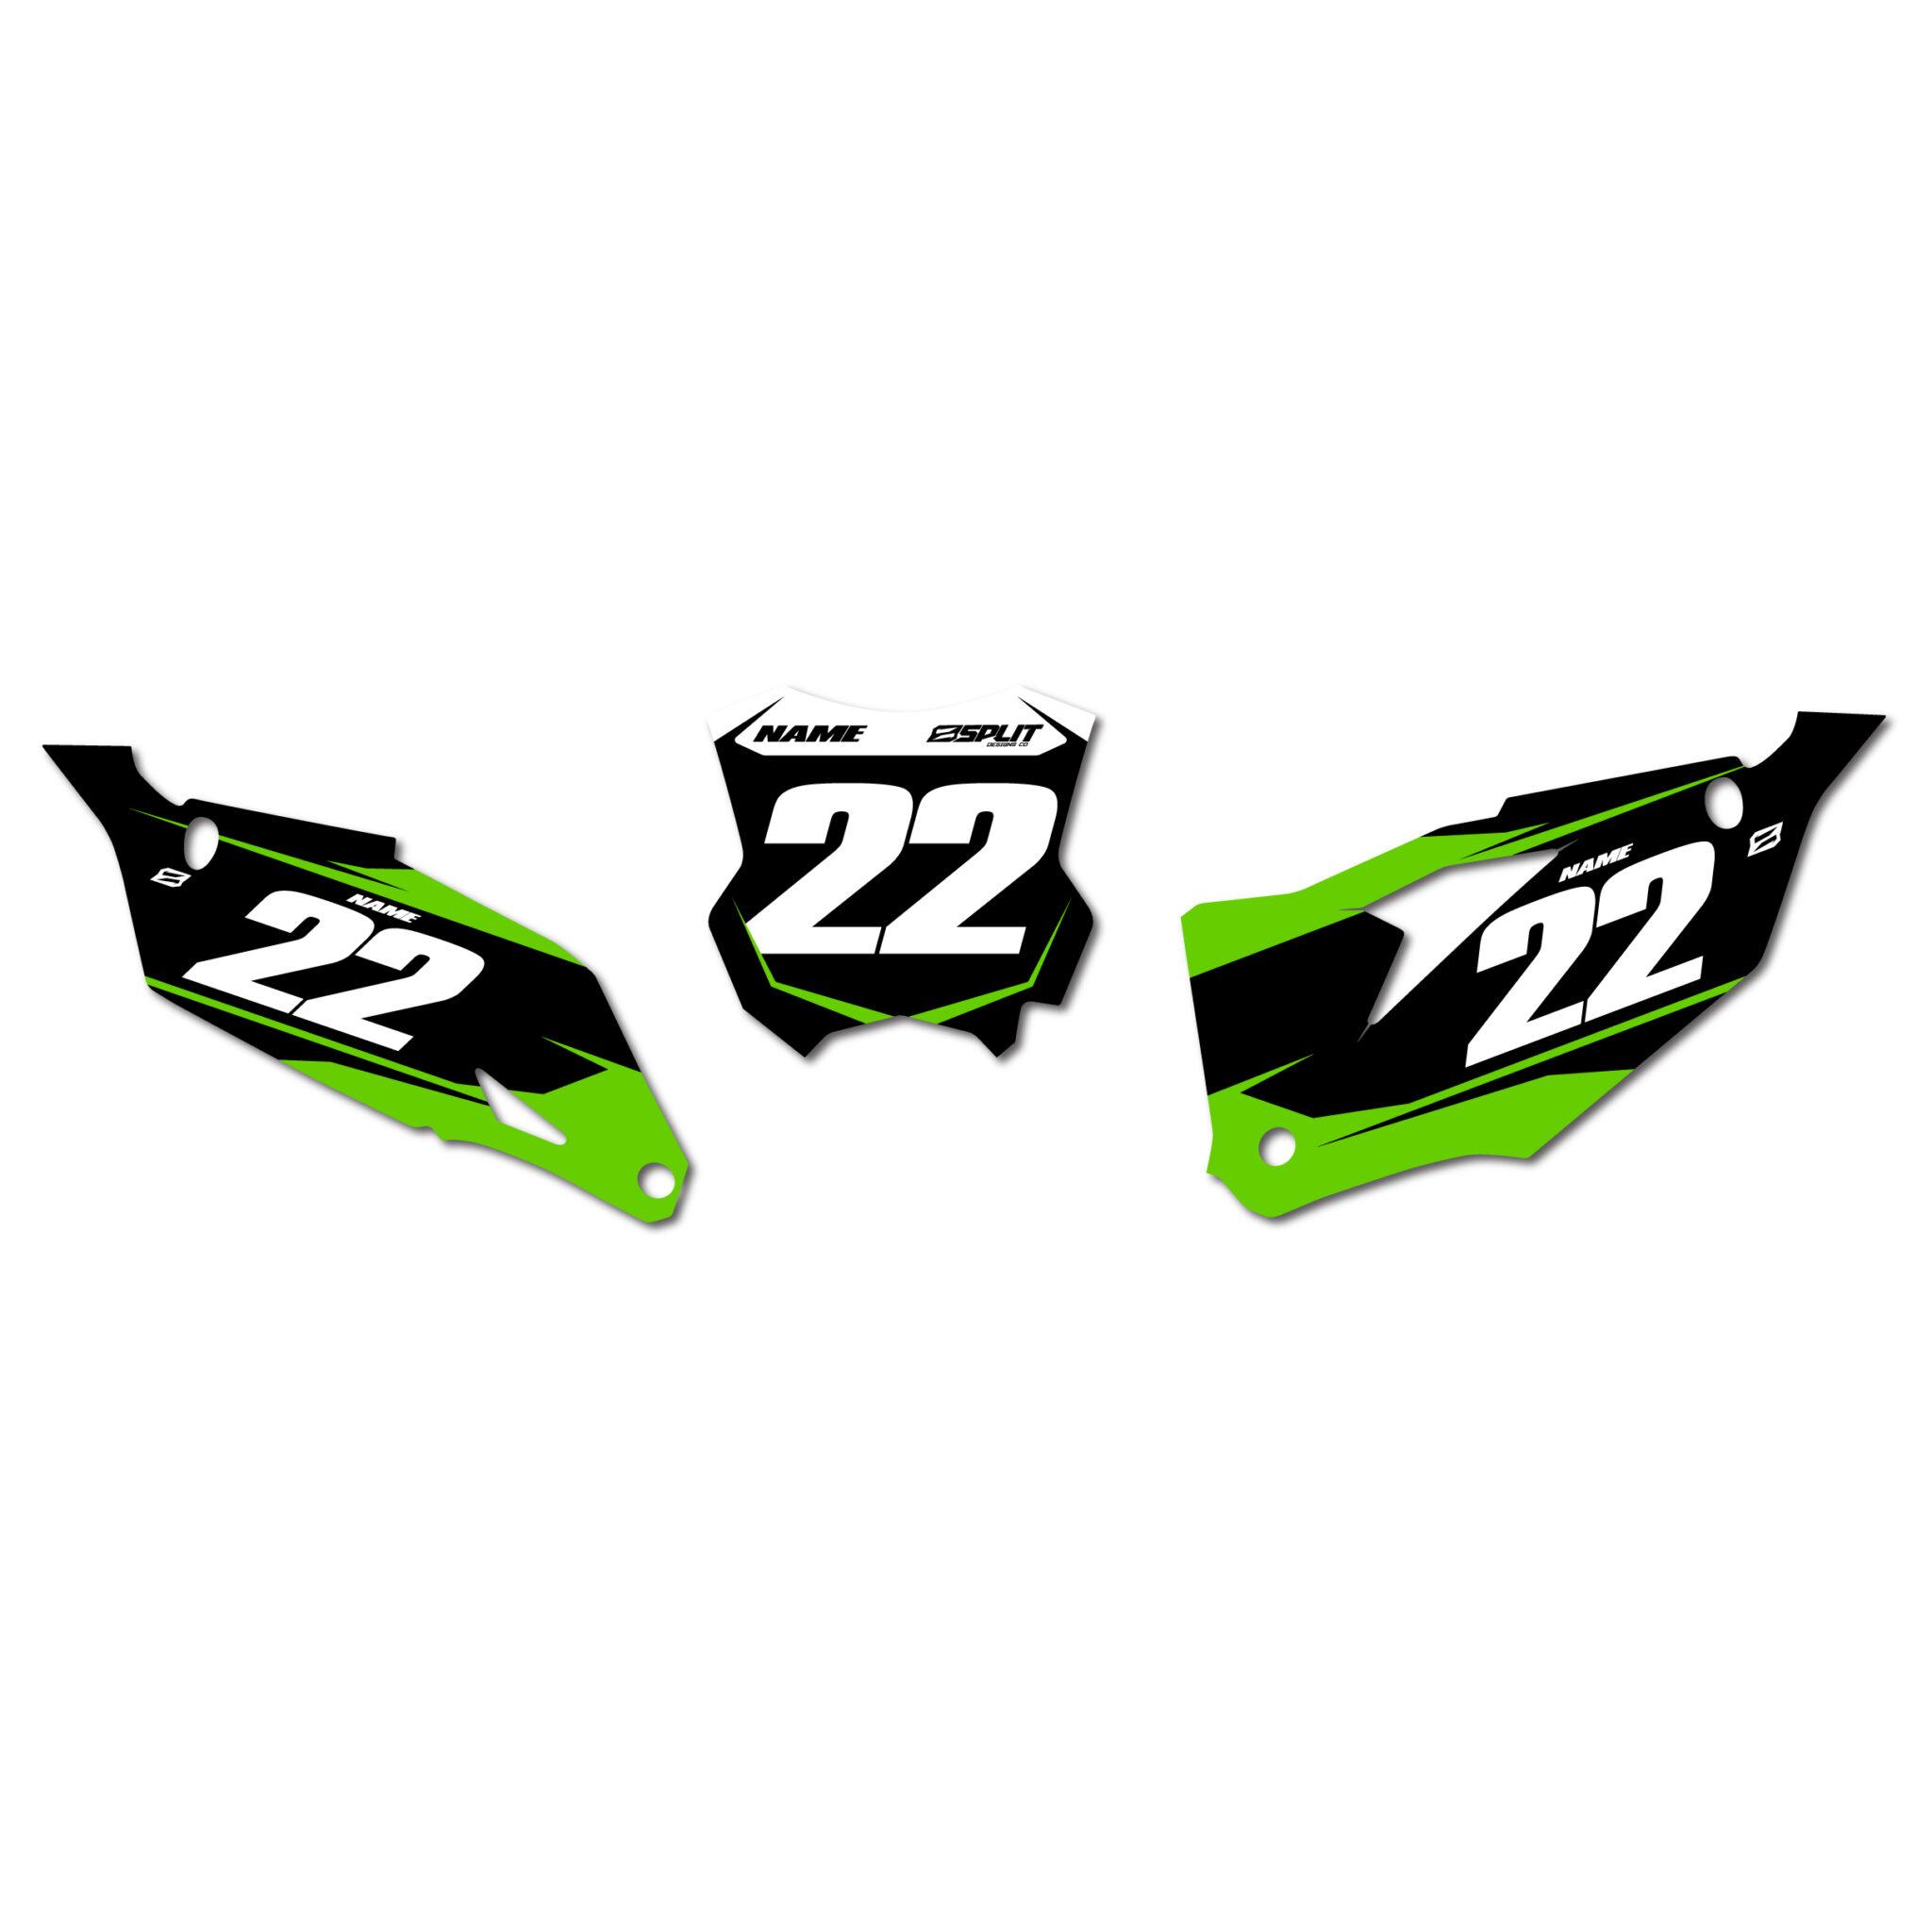 Kawasaki Splinter Number Boards Split Designs Co